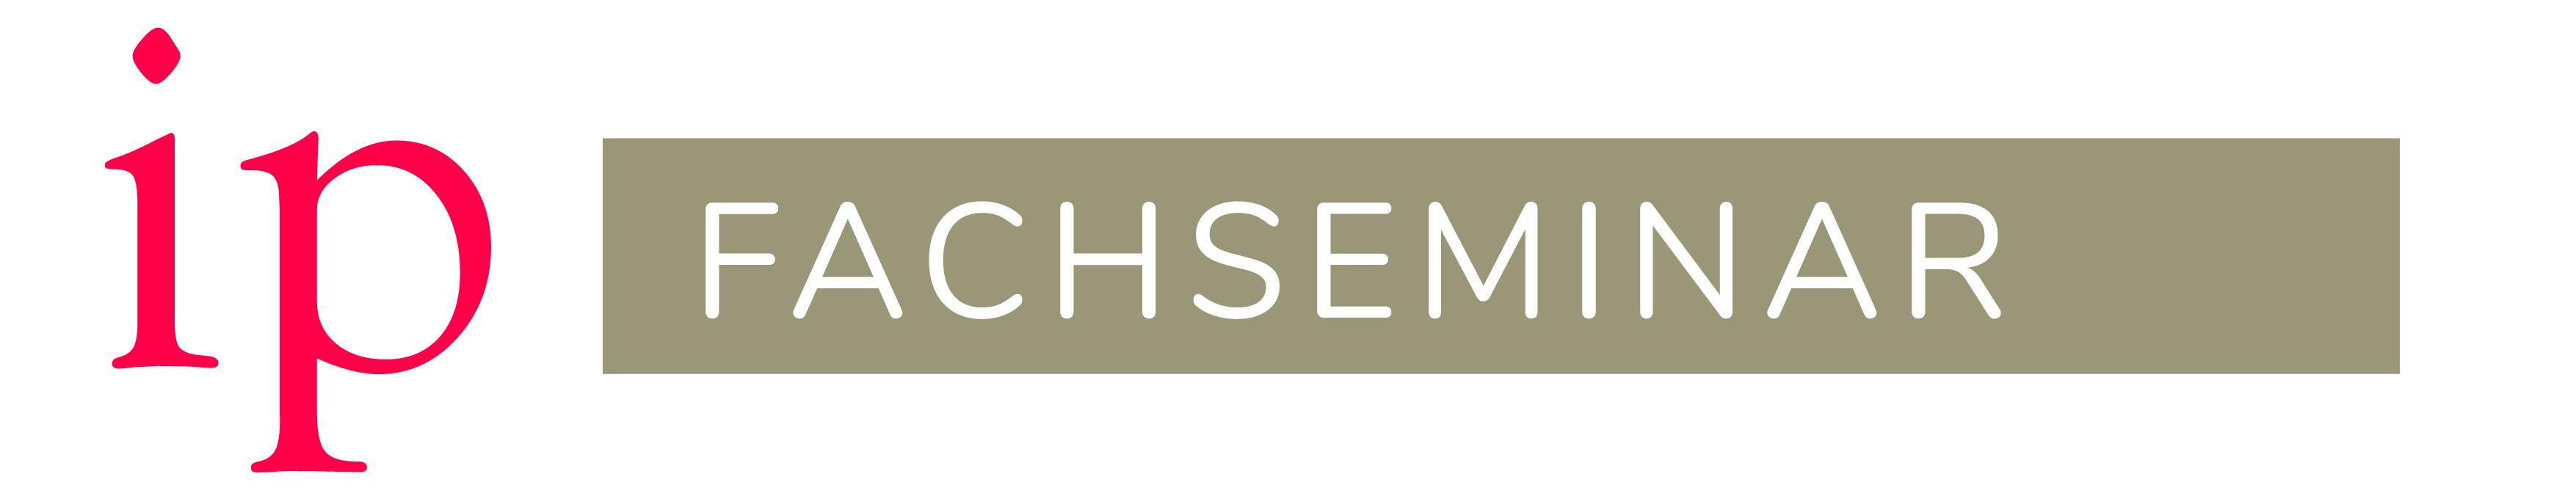 Logo Fachseminar groß